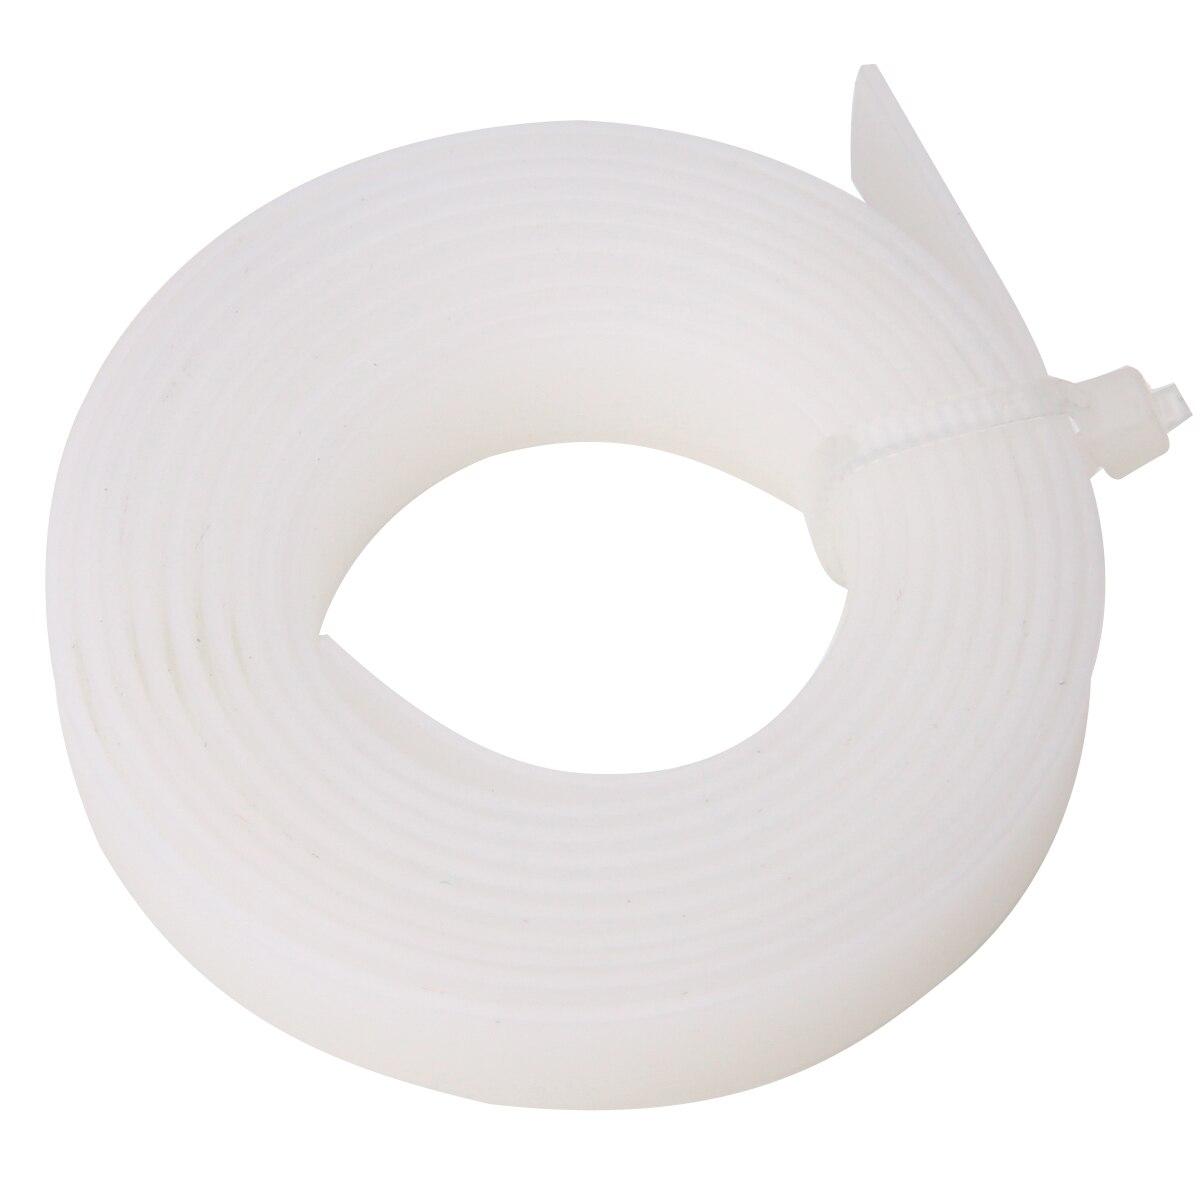 1 rollo de corte Plotter hoja de la tira de protección protector de vinilo cortador blanco 100cm * 8mm Plotter protector de la tira de protección Plotter capas